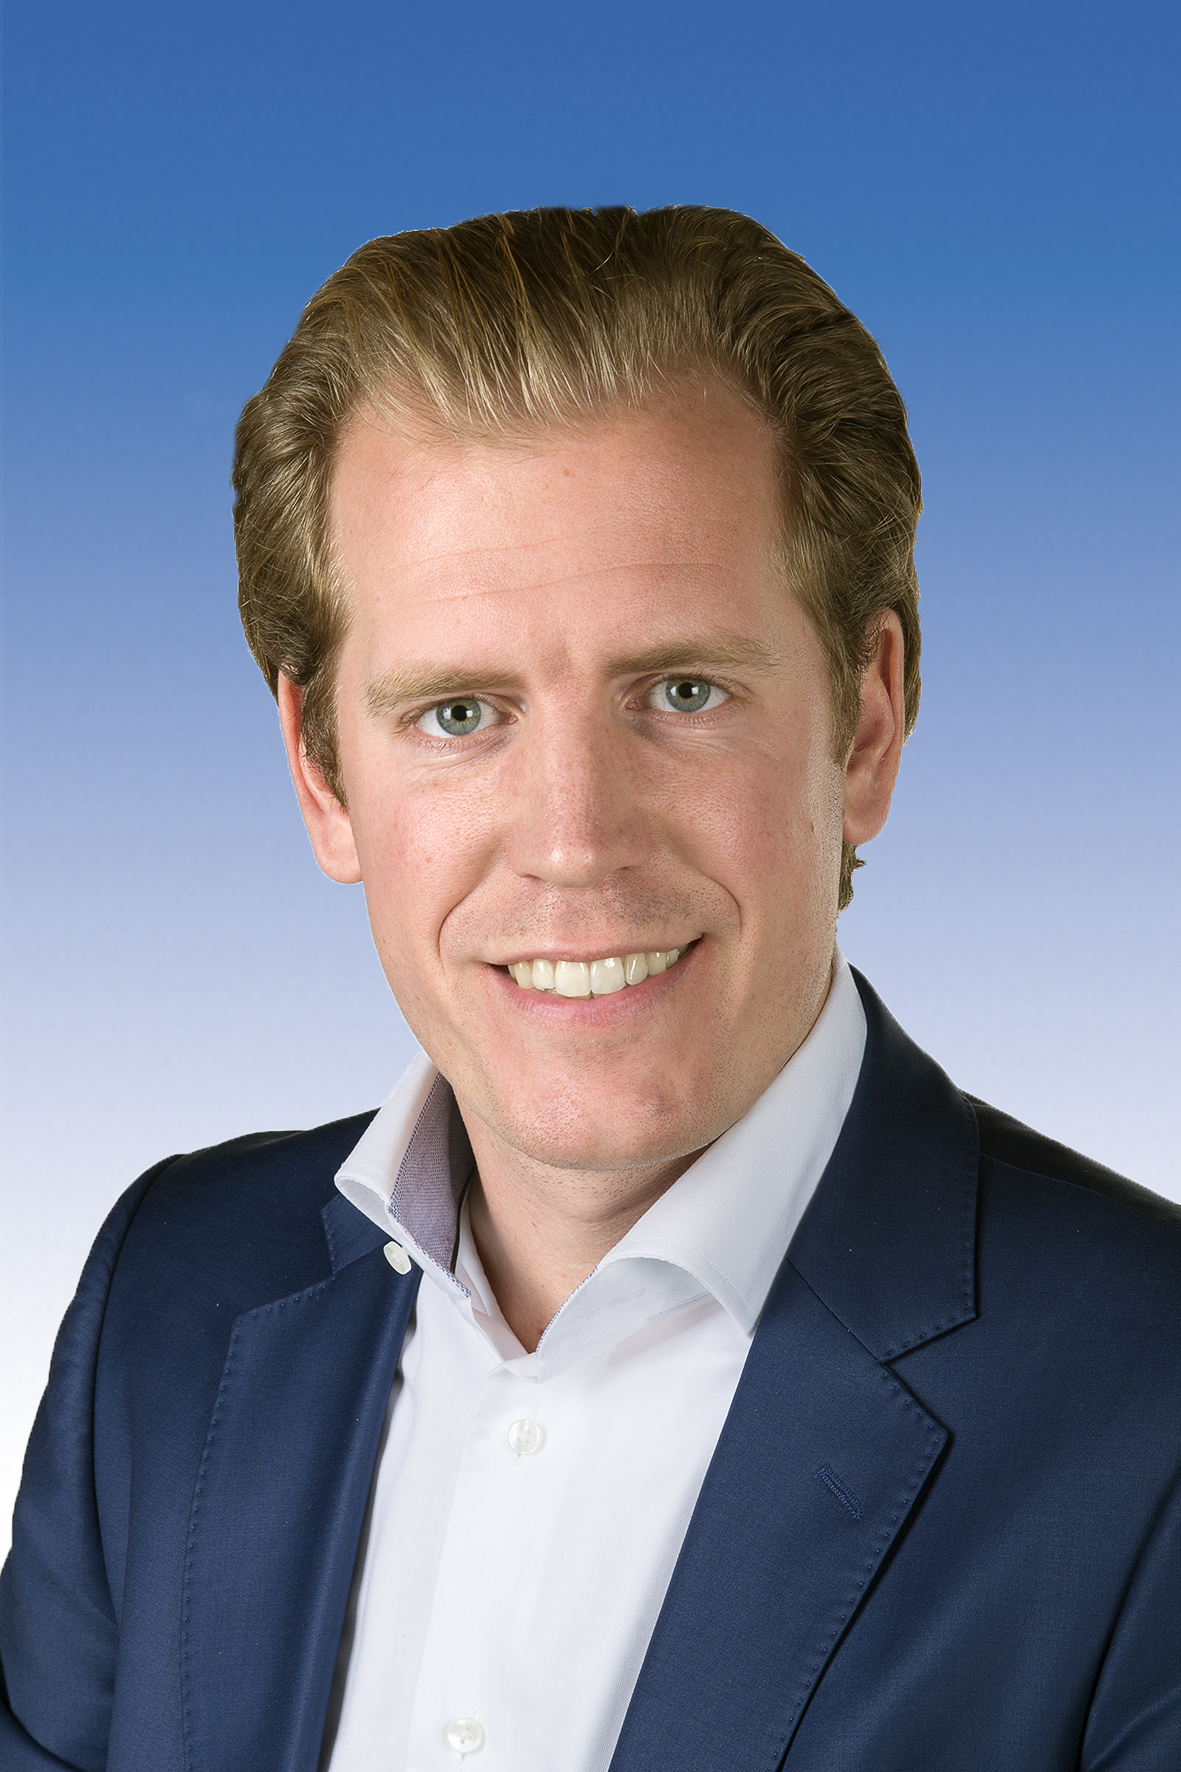 Maarten Mol